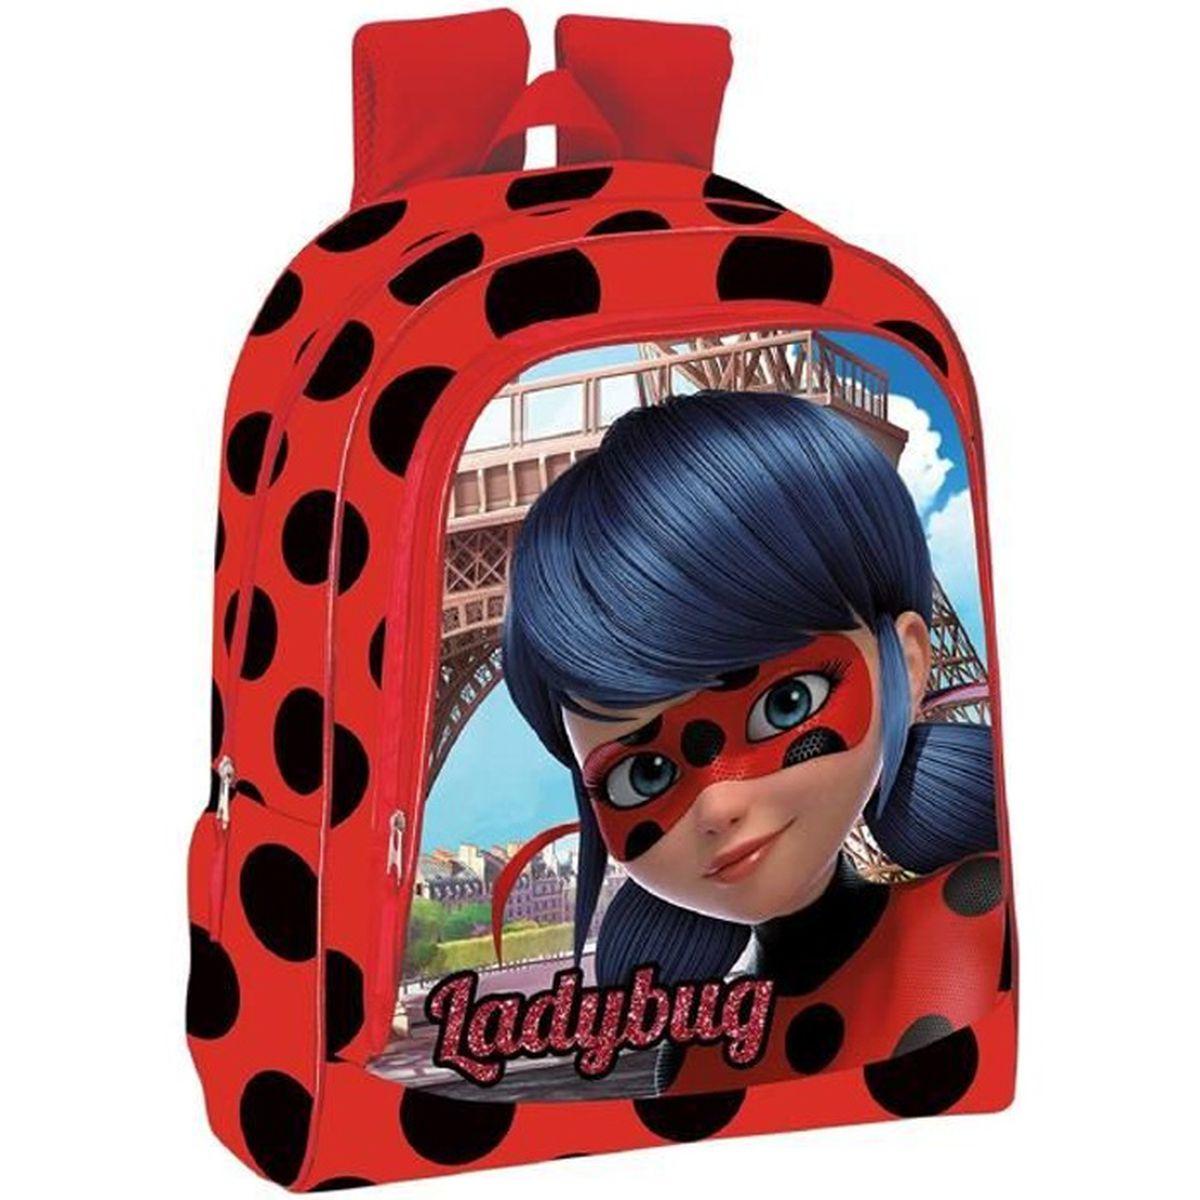 Ladybug Sac /à dos Miraculous borne primaire avec la fameuse